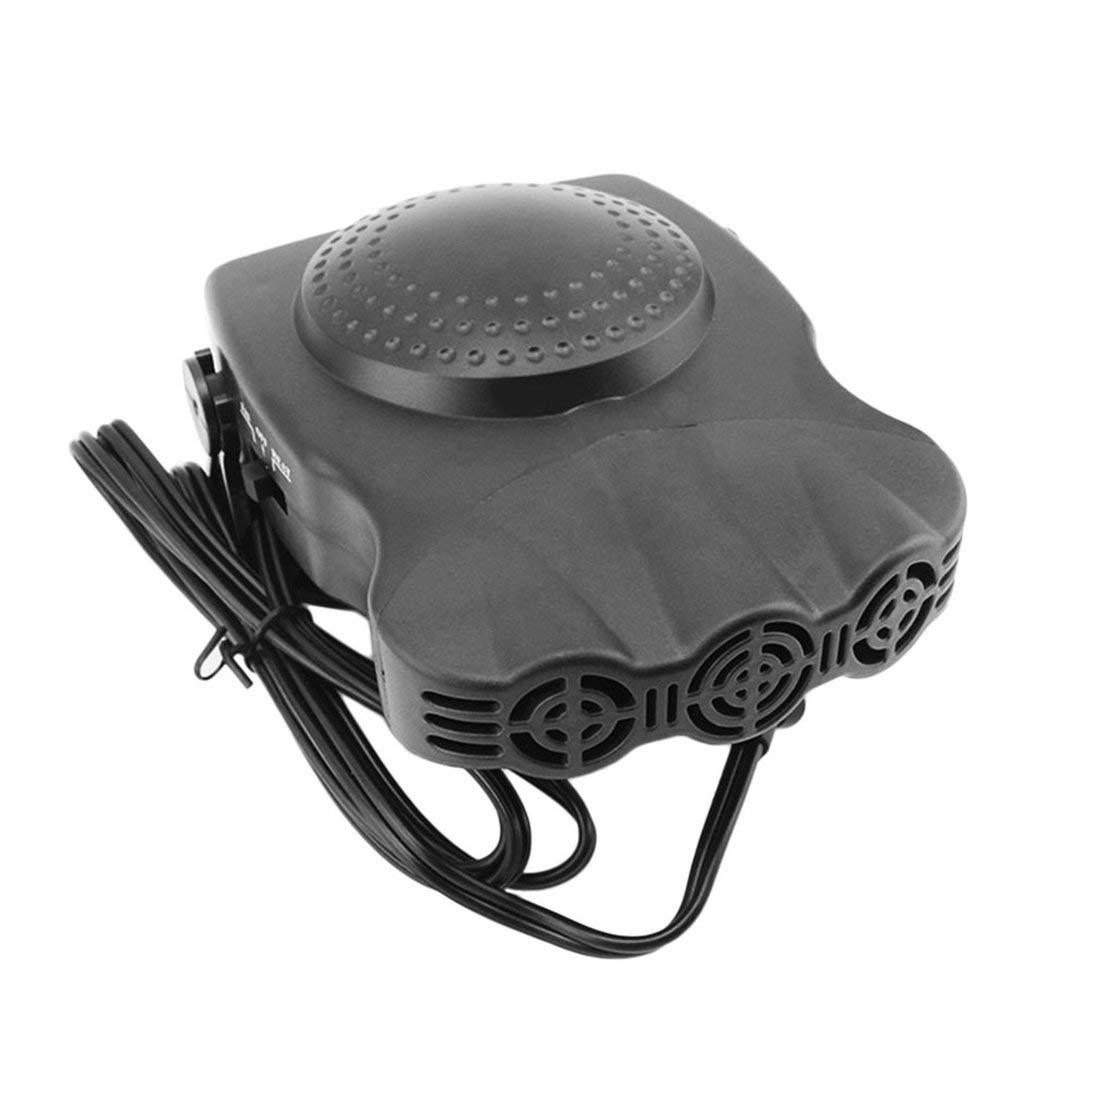 12 V 150 W Auto Car Heater Portatile 2 in 1 Riscaldamento Ventola di raffreddamento Car Dryer Parabrezza Sbrinatore Demister Con maniglia di oscillazione Formulaone